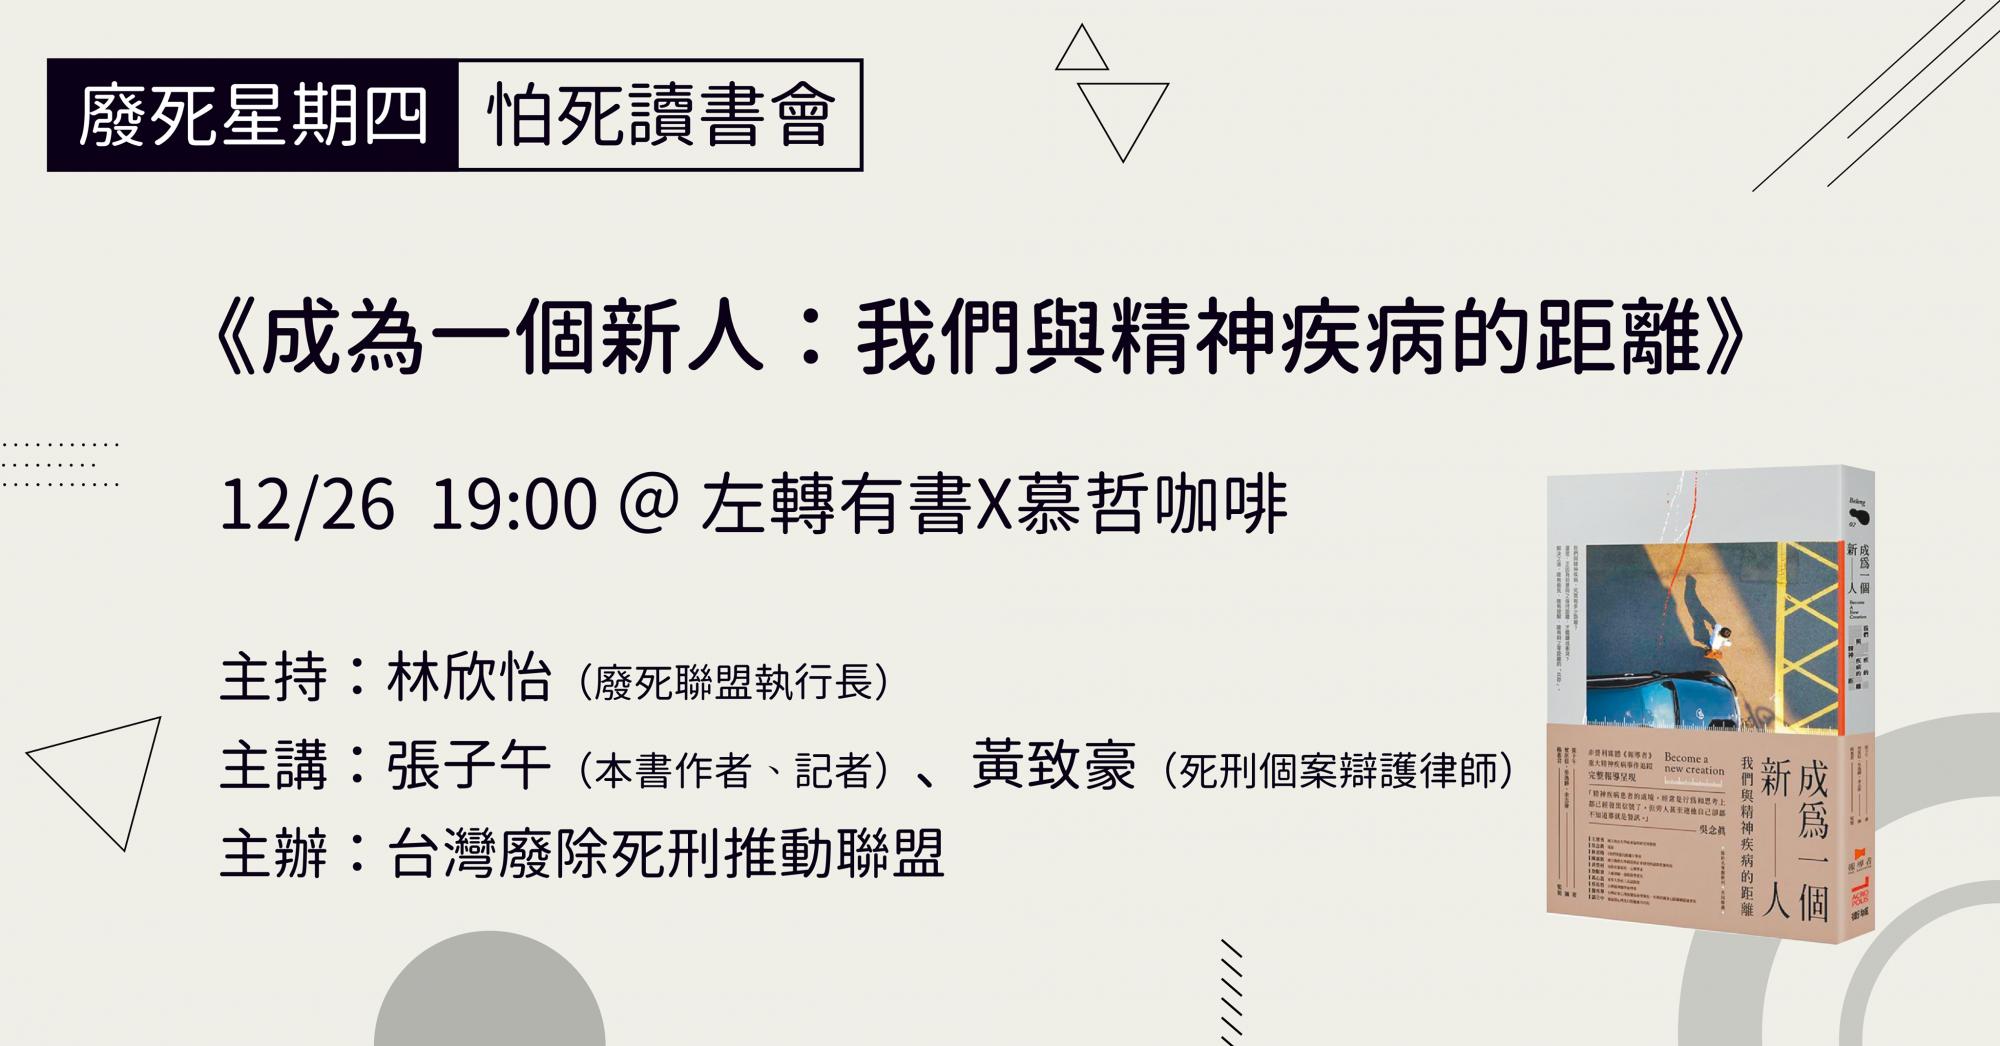 1226pa_si_du_shu_hui_cheng_wei_yi_ge_xin_ren_.png